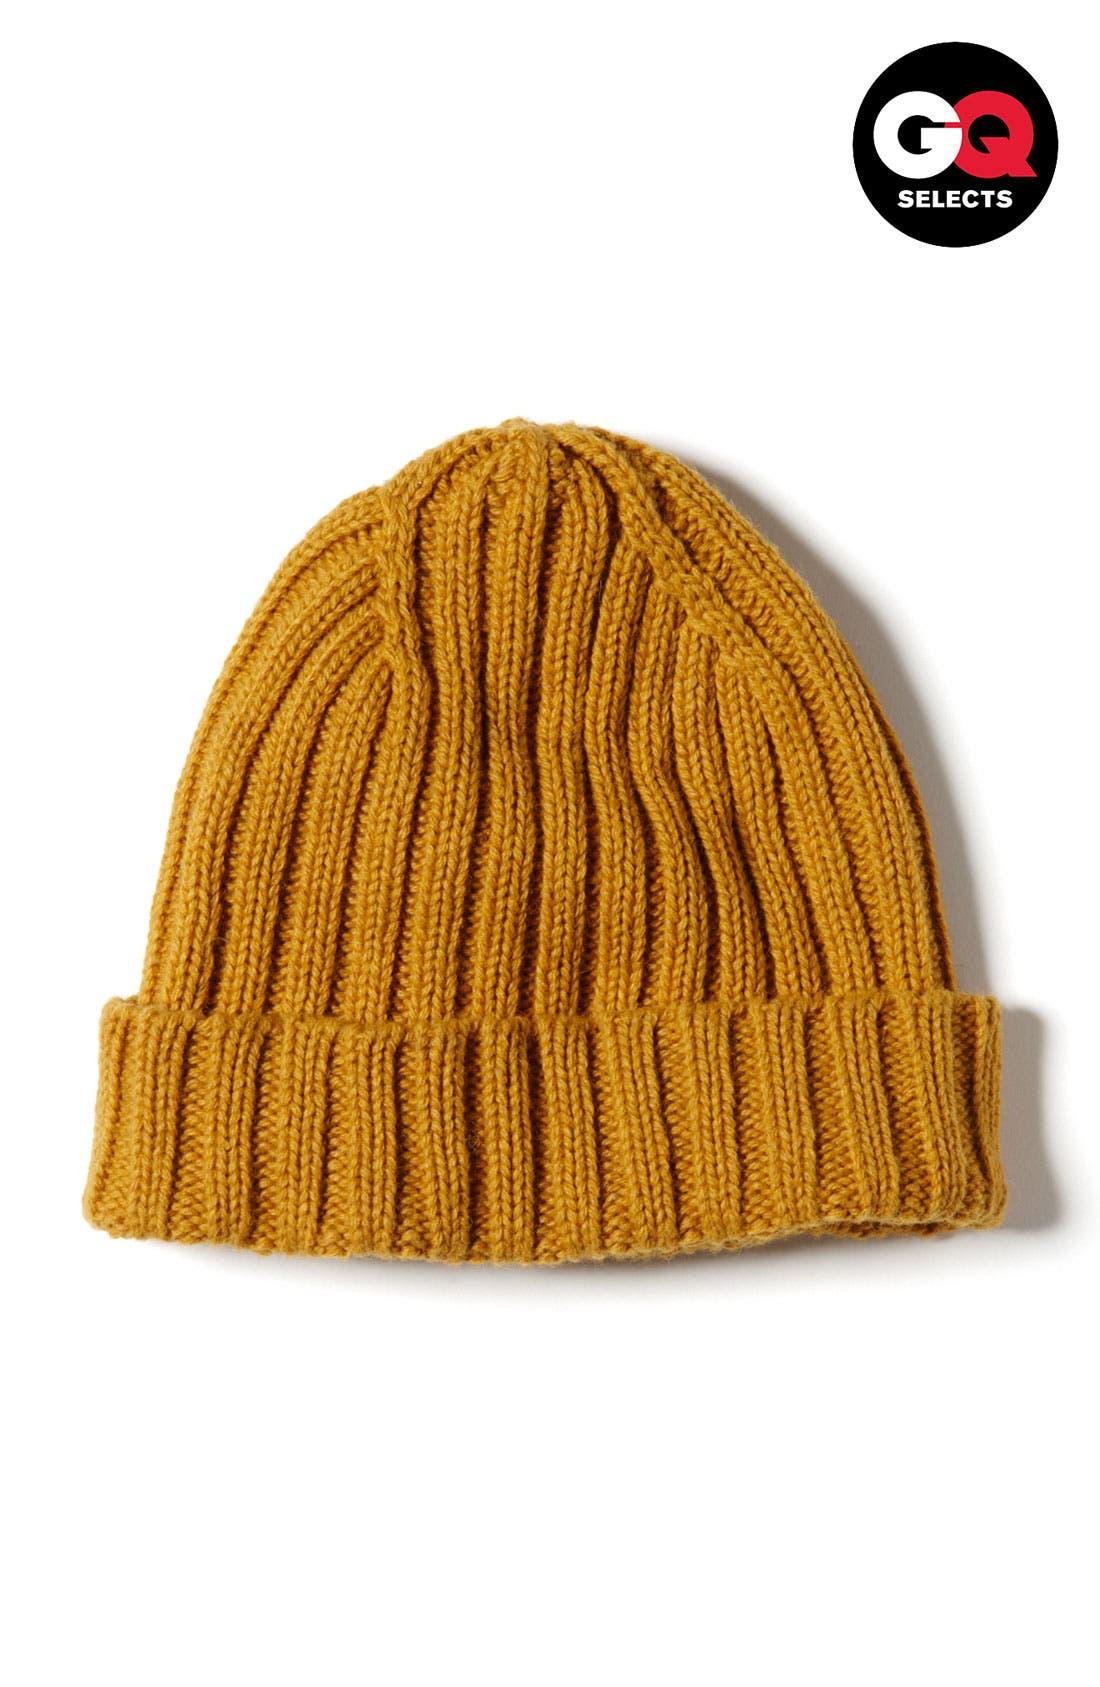 GANT RUGGER Knit Cap, Main, color, 704